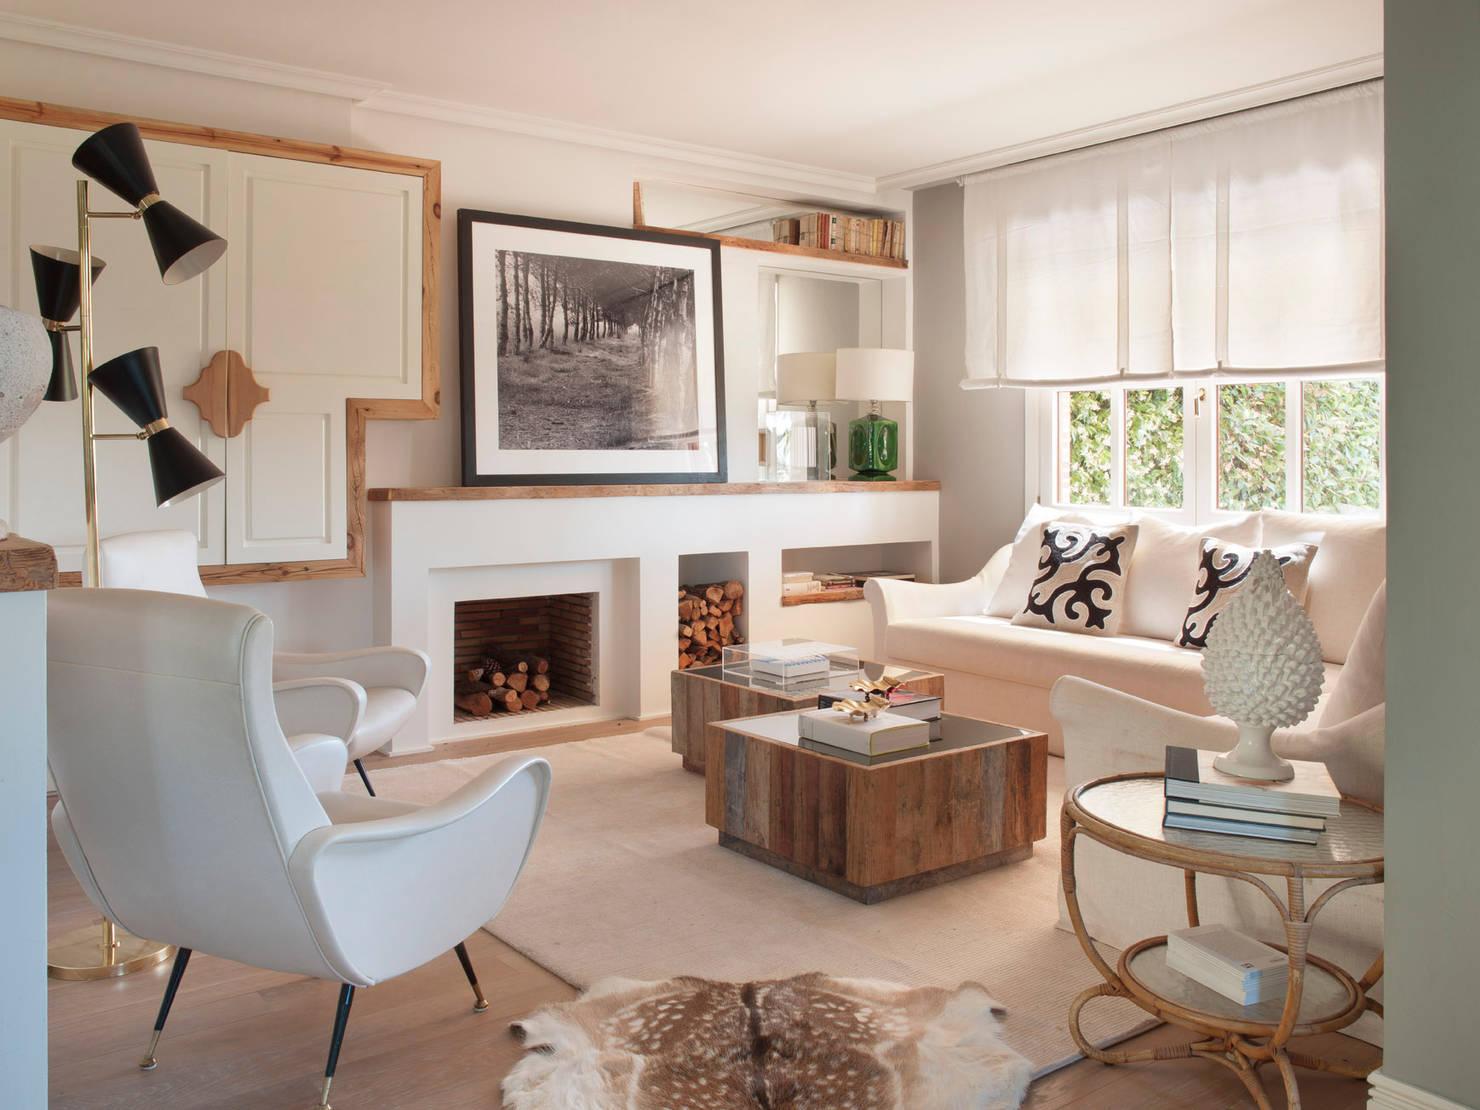 모던과 빈티지, 에클레틱 스타일의 특별한 만남, 스페인 주택 인테리어